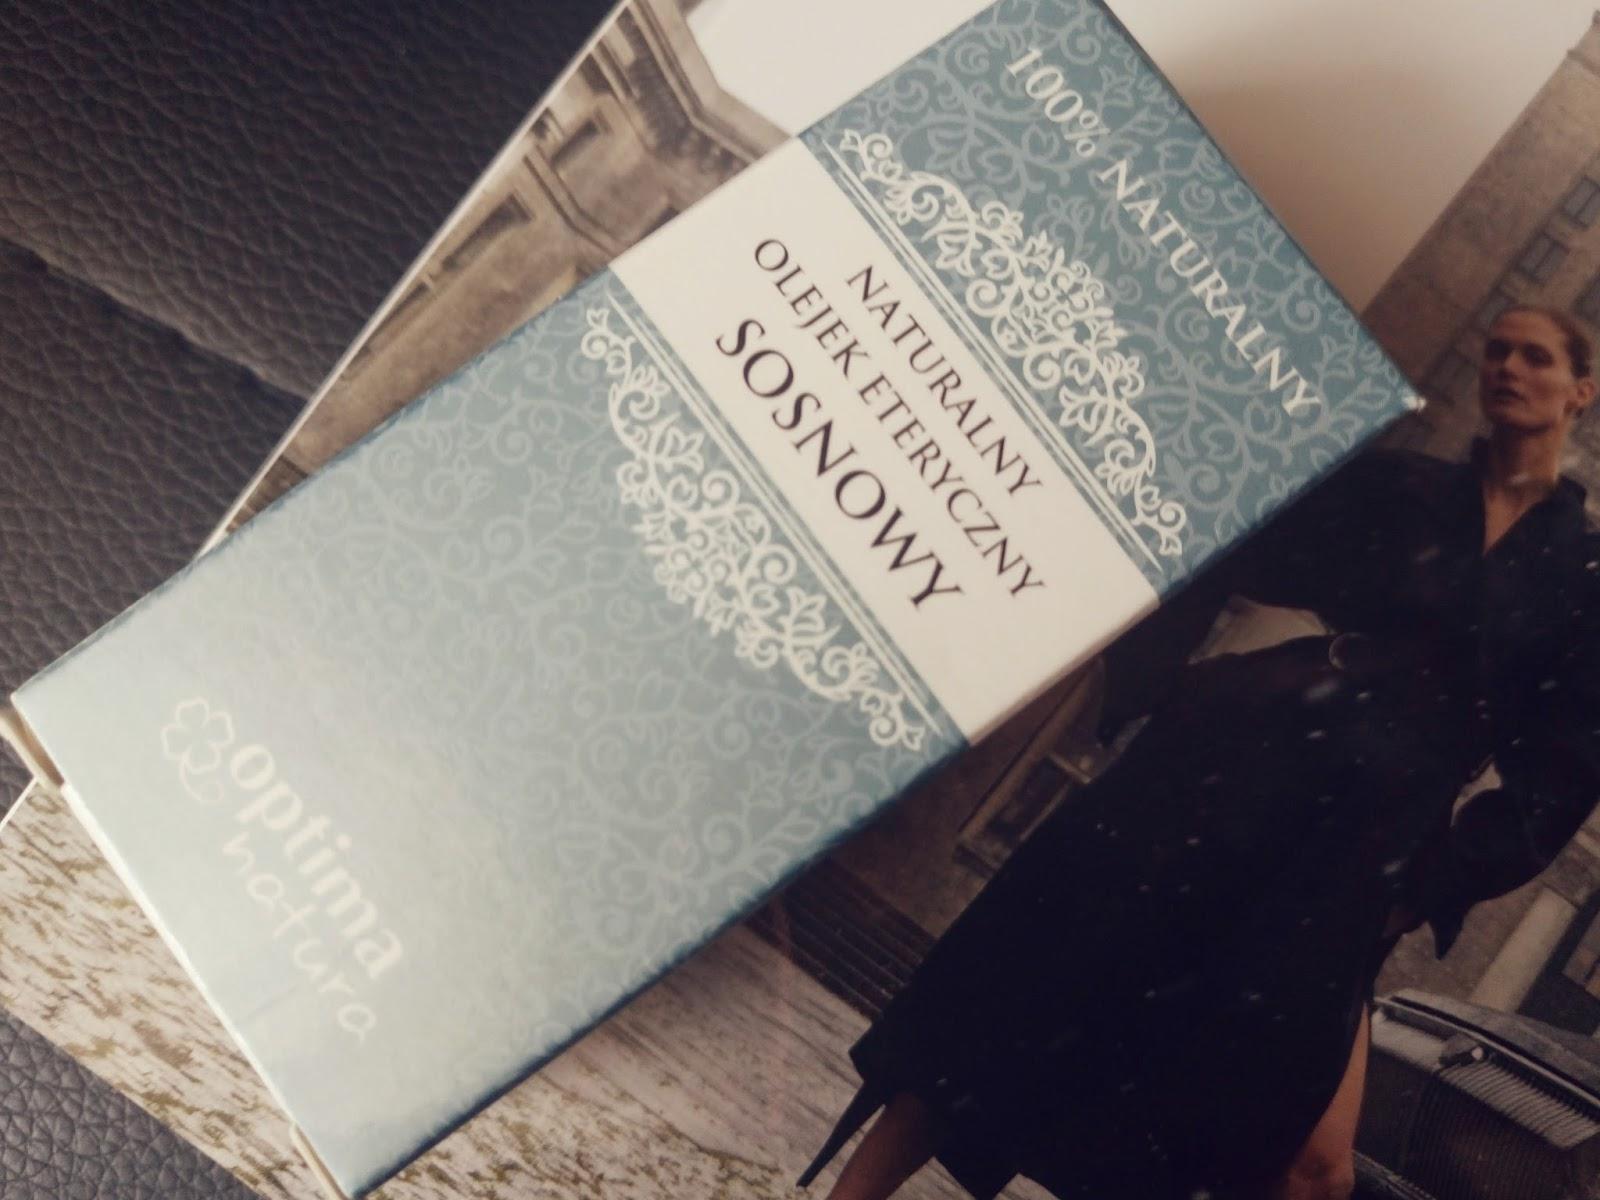 Optima Natura Naturalny olejek eteryczny  Pudełko U.R.O.K Edycja XXII Inspiredby